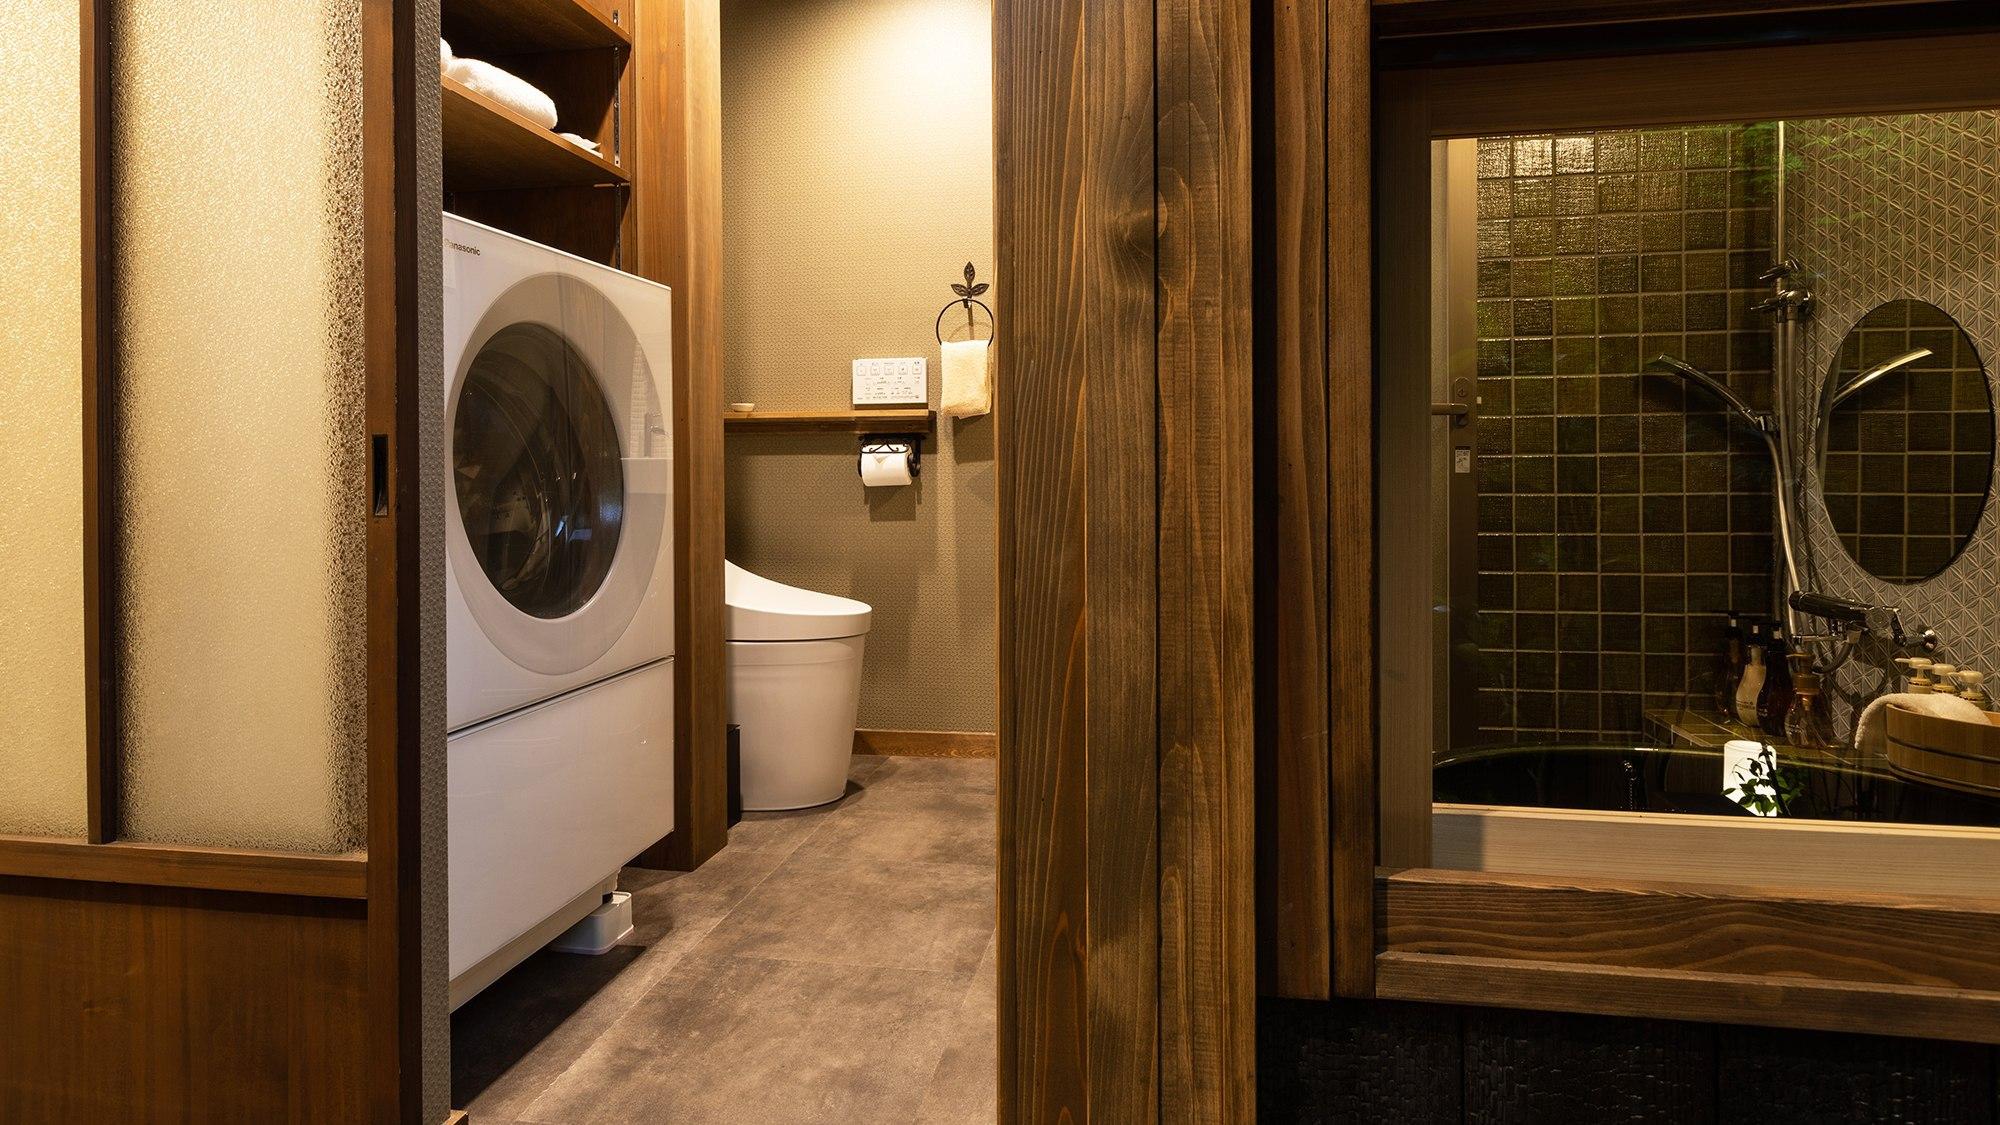 ・1階脱衣所・トイレ 乾燥機付きドラム洗濯機付き